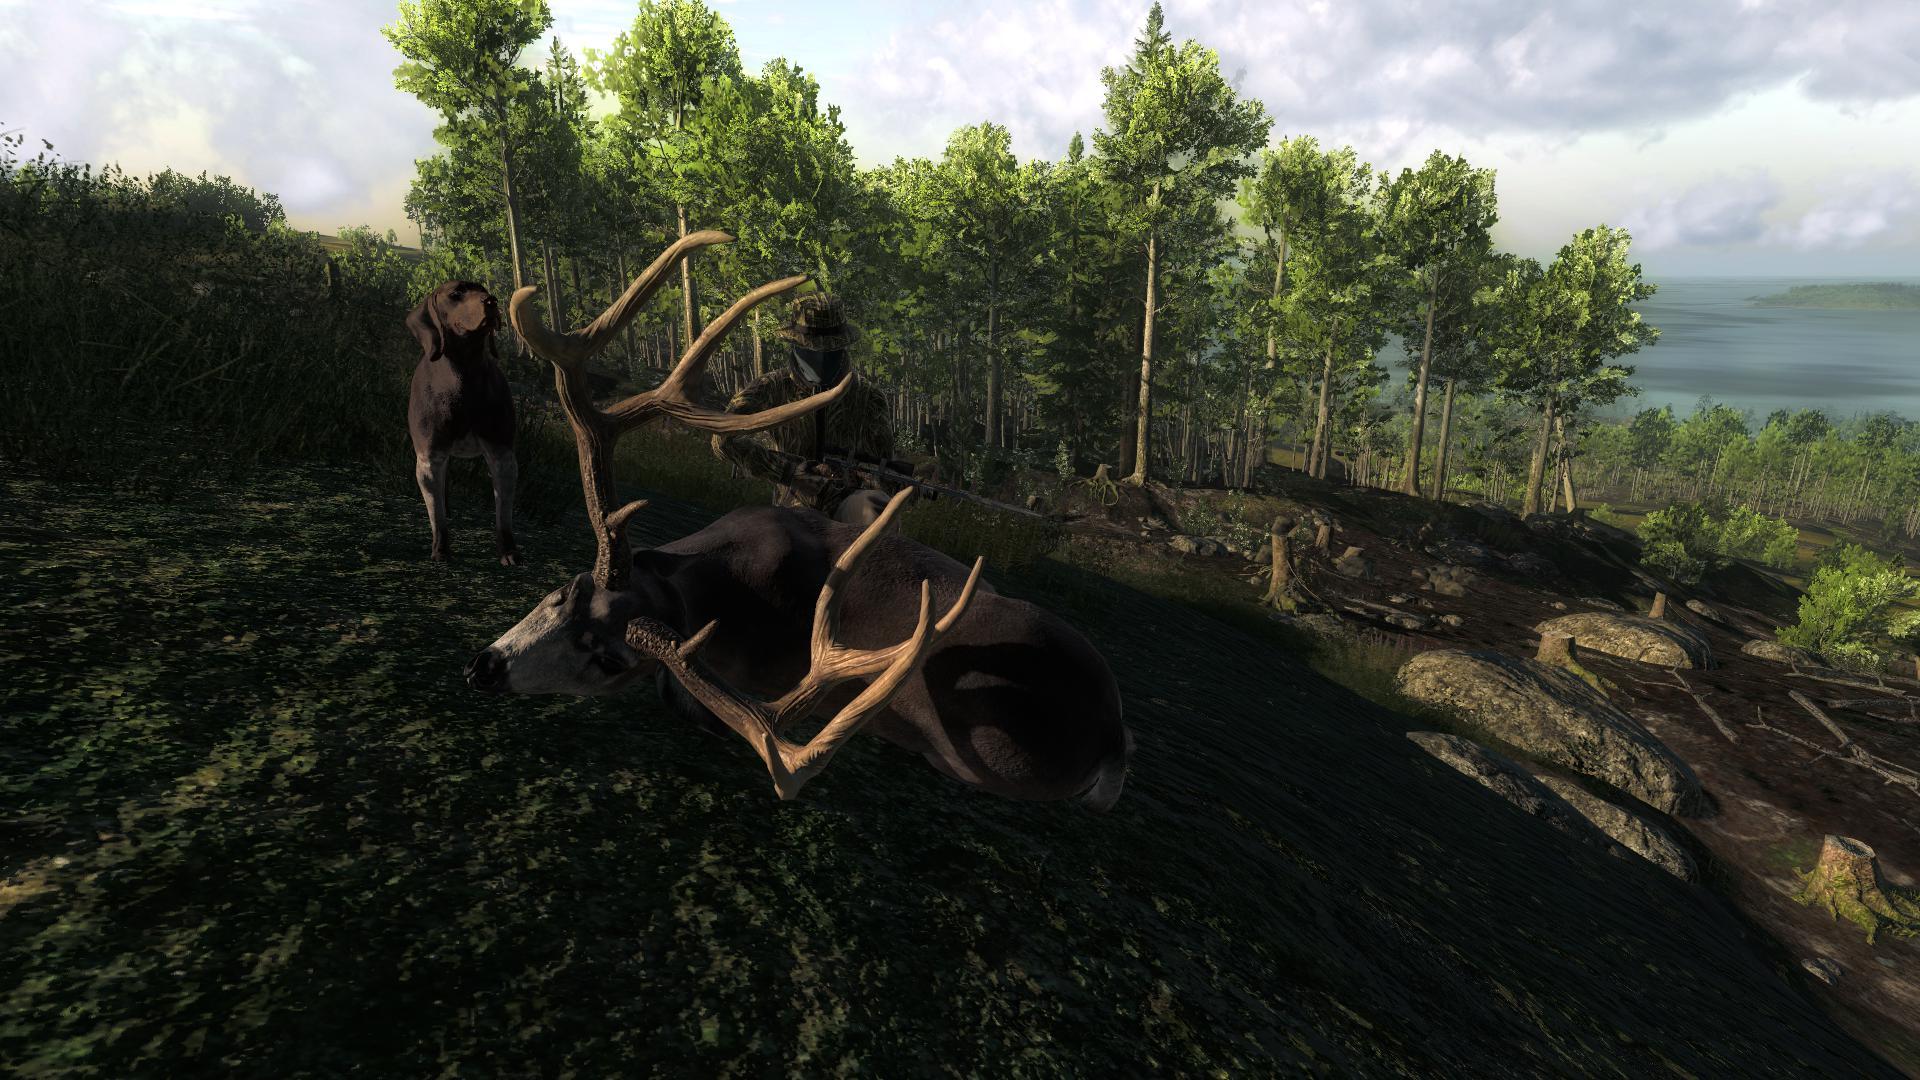 TOP 5 Mule Deer // Ciervo Mula (Typical) 74d1c7adcad51dfefb3381c75a42586d1eff7e77